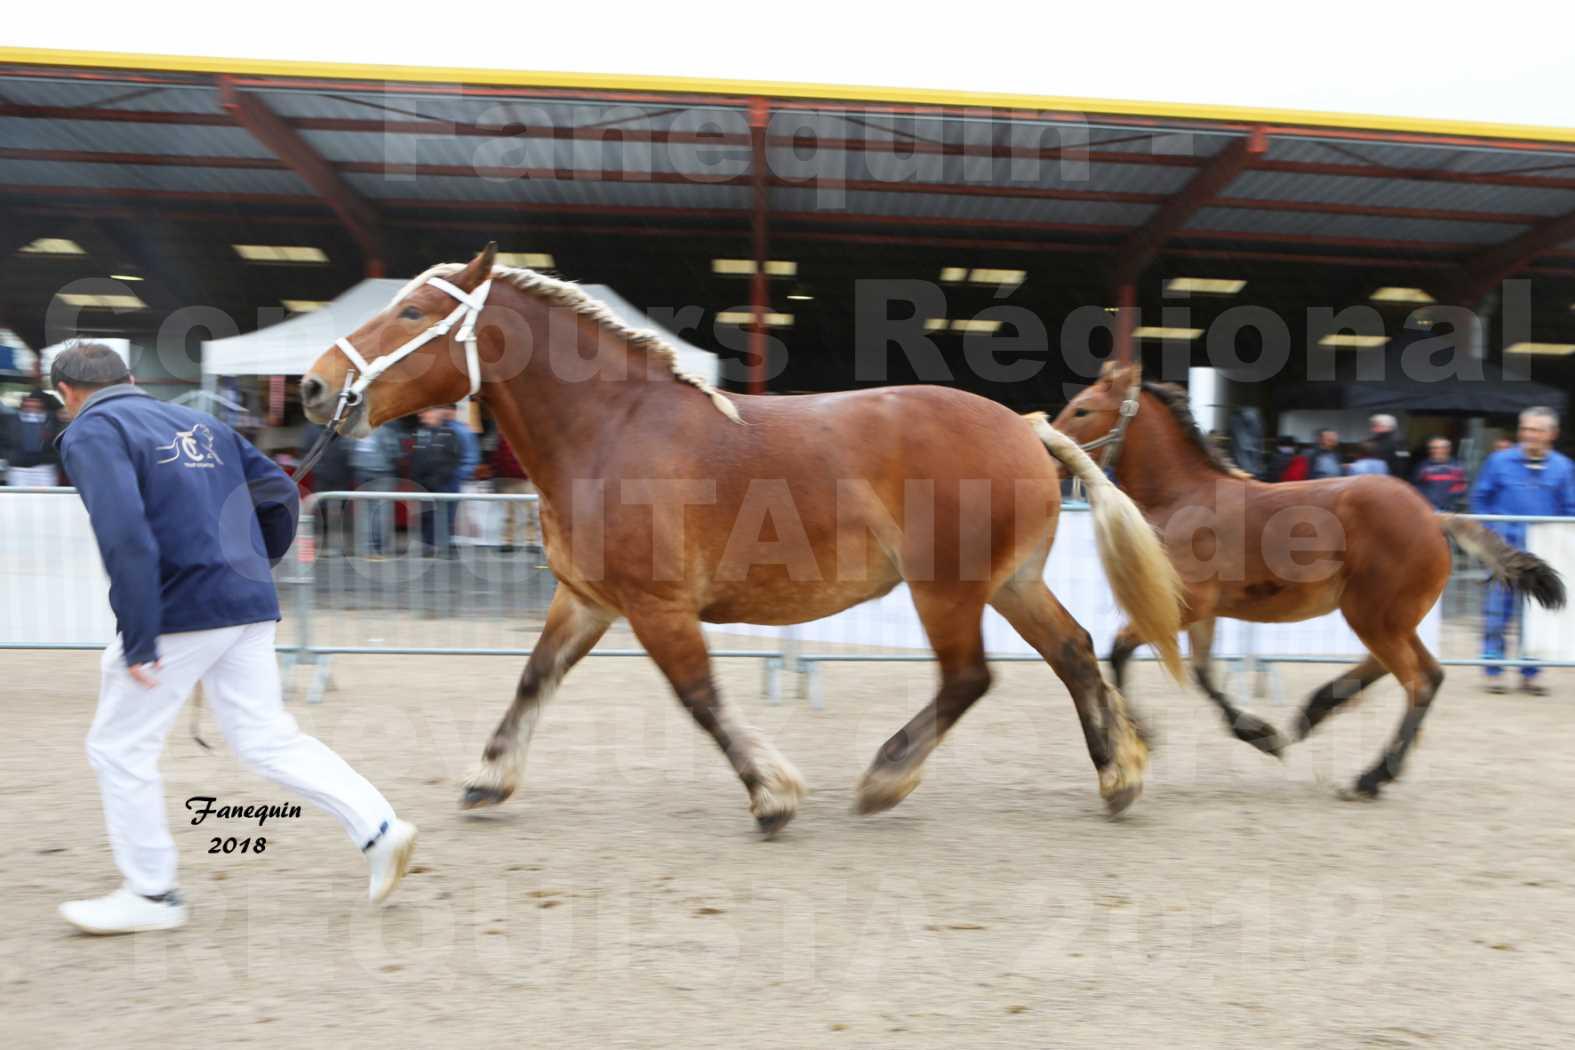 Concours Régional OCCITANIE de chevaux de traits à REQUISTA - DIANE DE GRILLOLES - 3